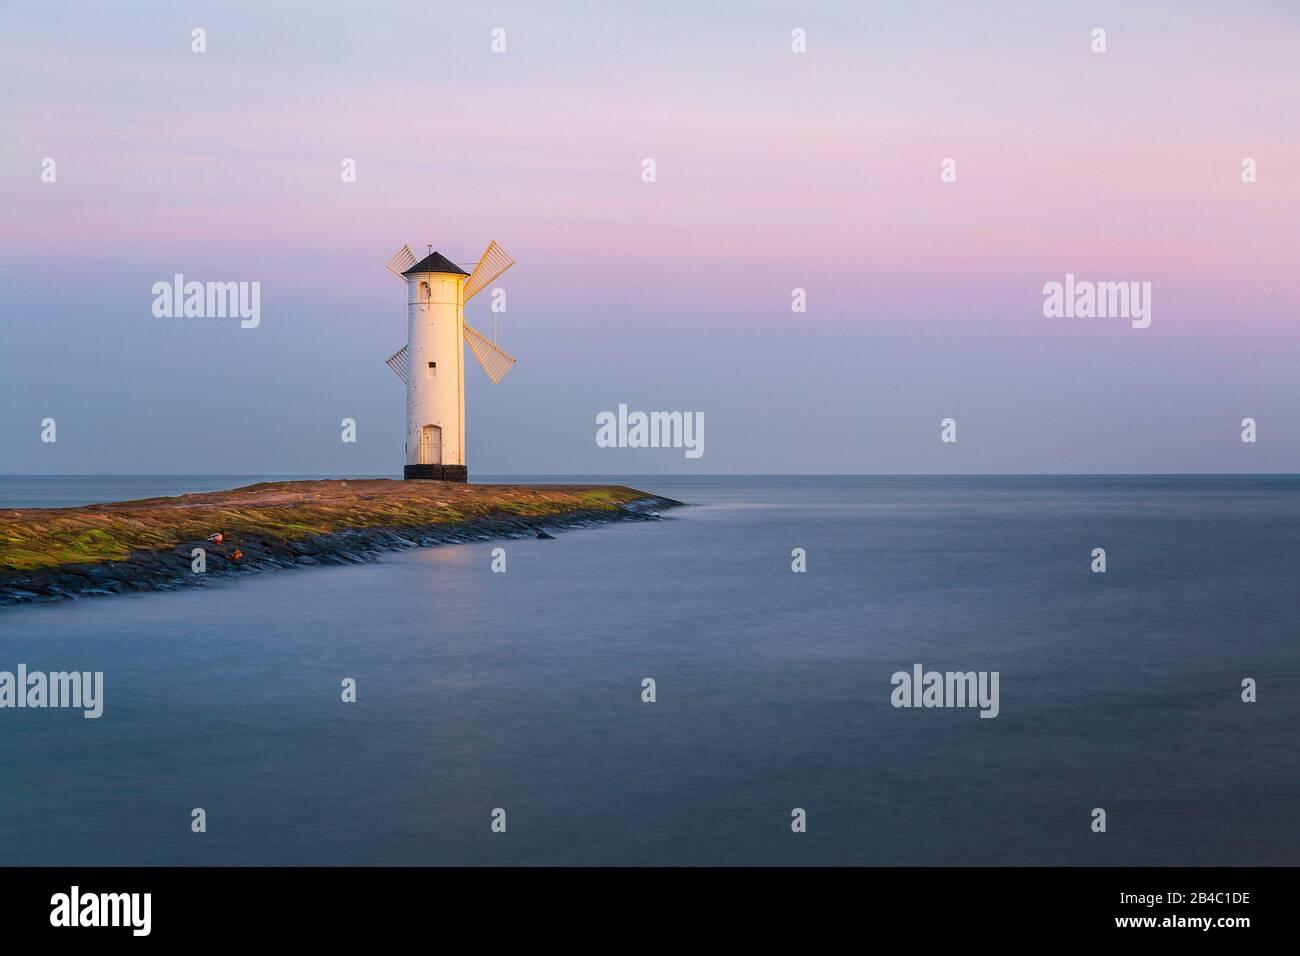 The lighthouse Stawa MÅ'yny at ÅšwinoujÅ›cie (Swinemünde) at the harbor entry. Stock Photo